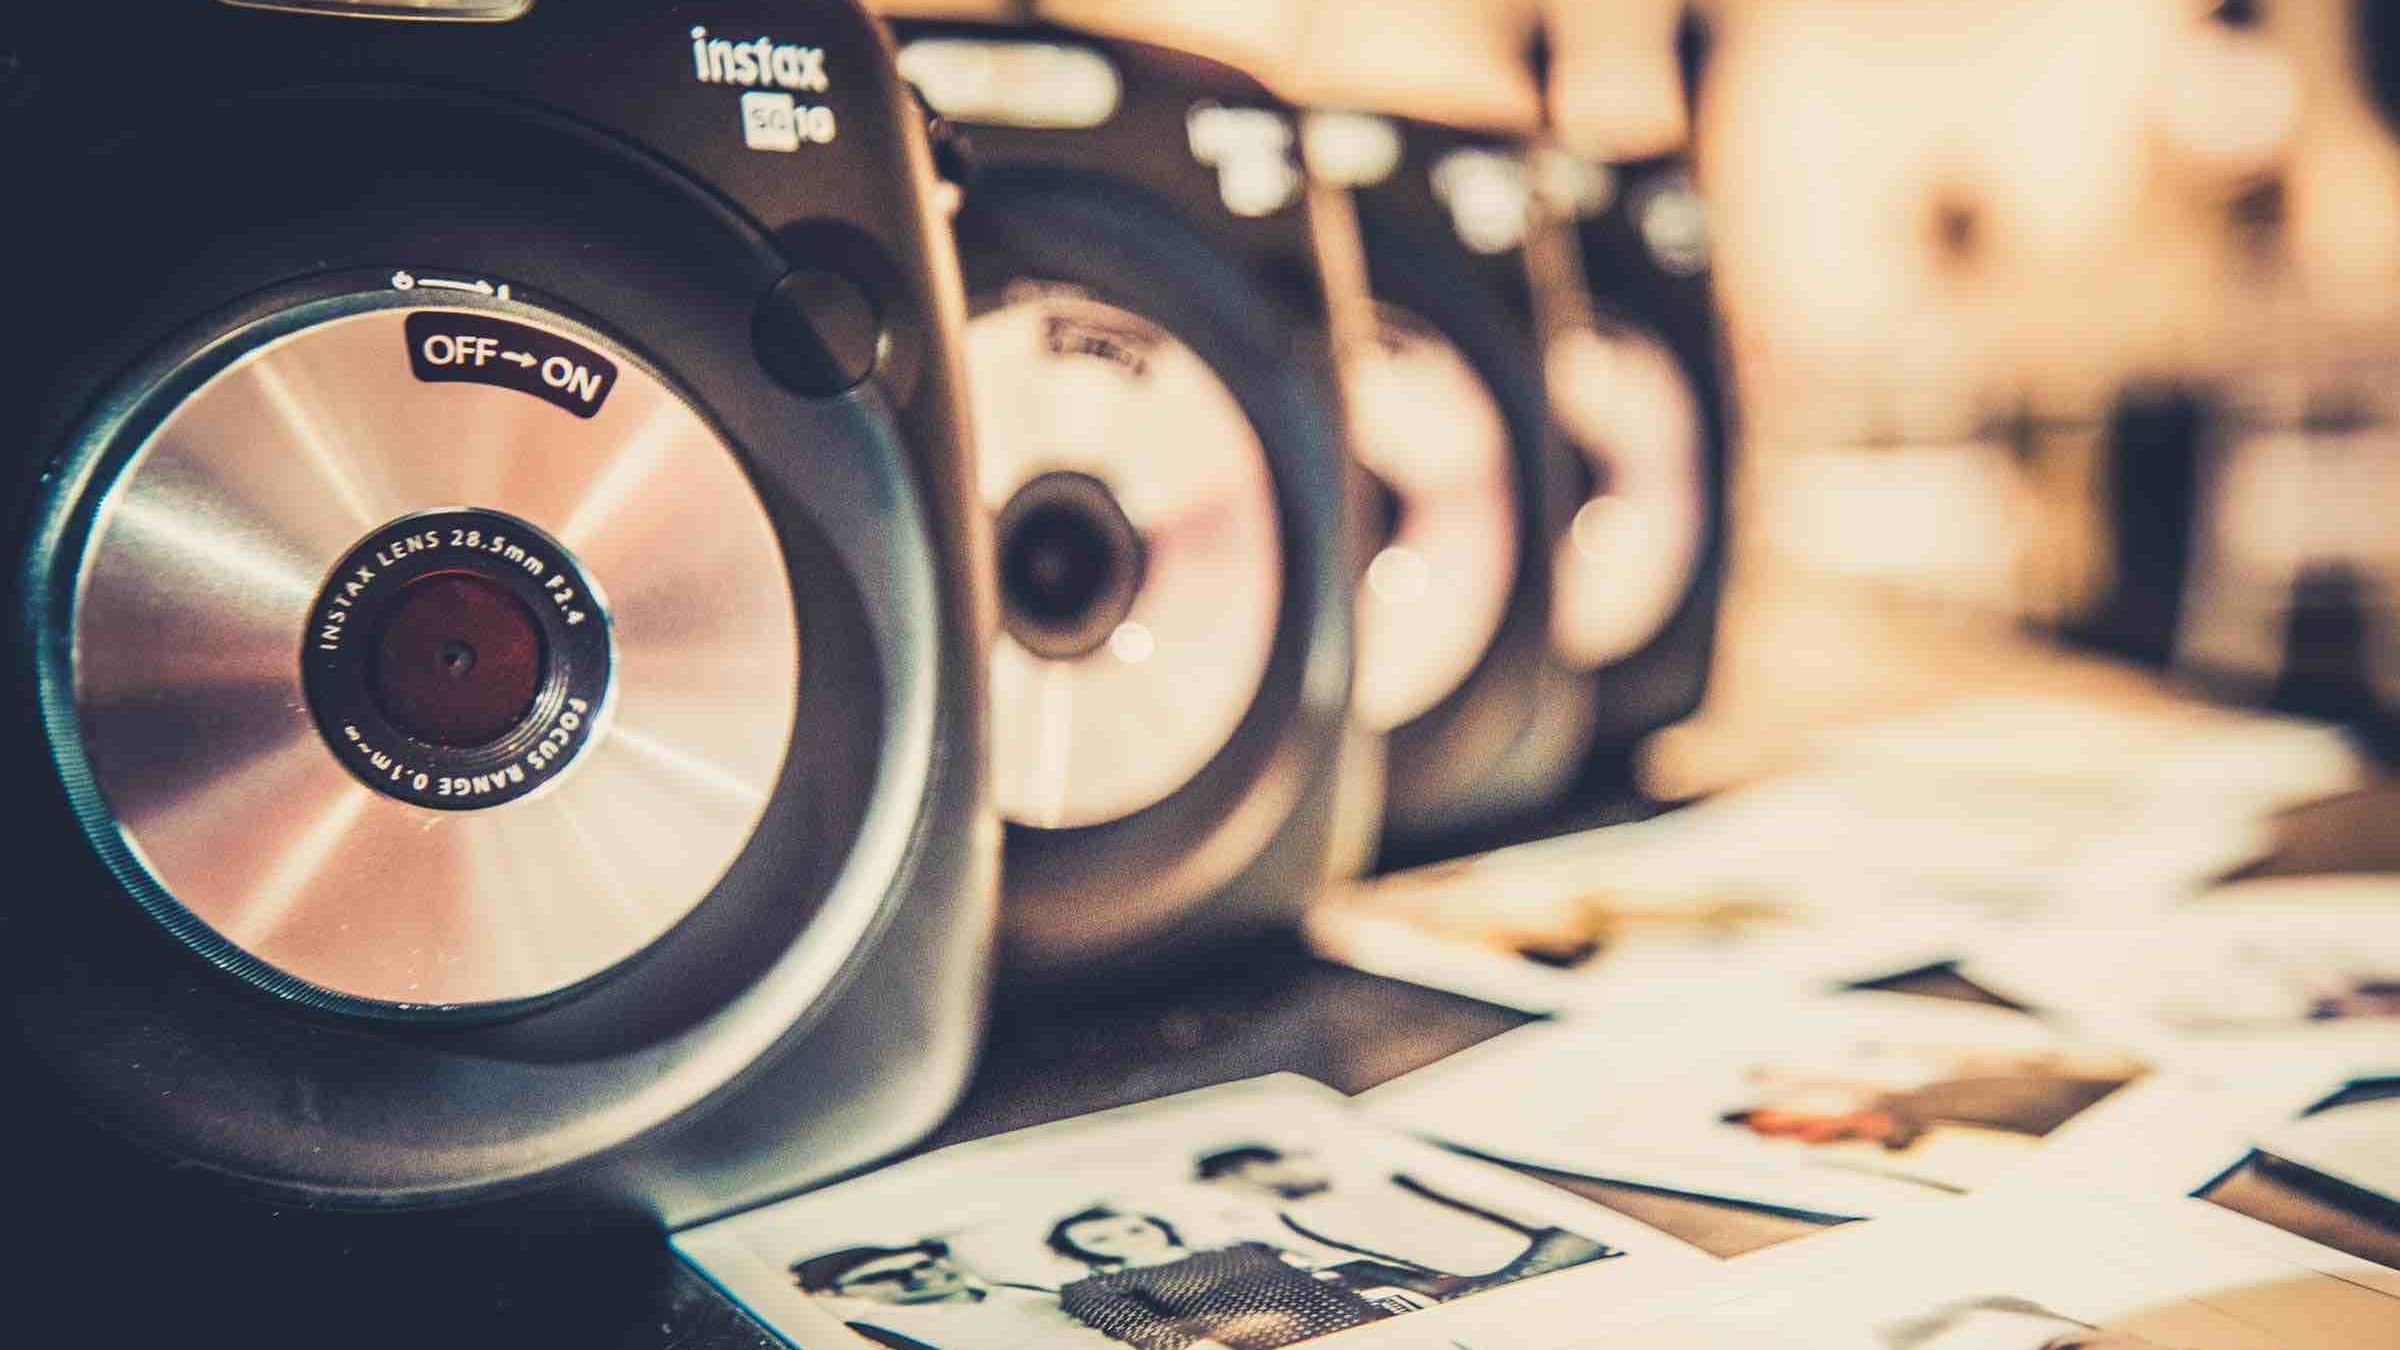 Polaroid | Kamera | Mieten | Koffer | Bilder | Instax | Mieten | Hochzeit 7 Wedding | Sofortbild | Retro | Sofortbildkamera | Buchen | Knipsel